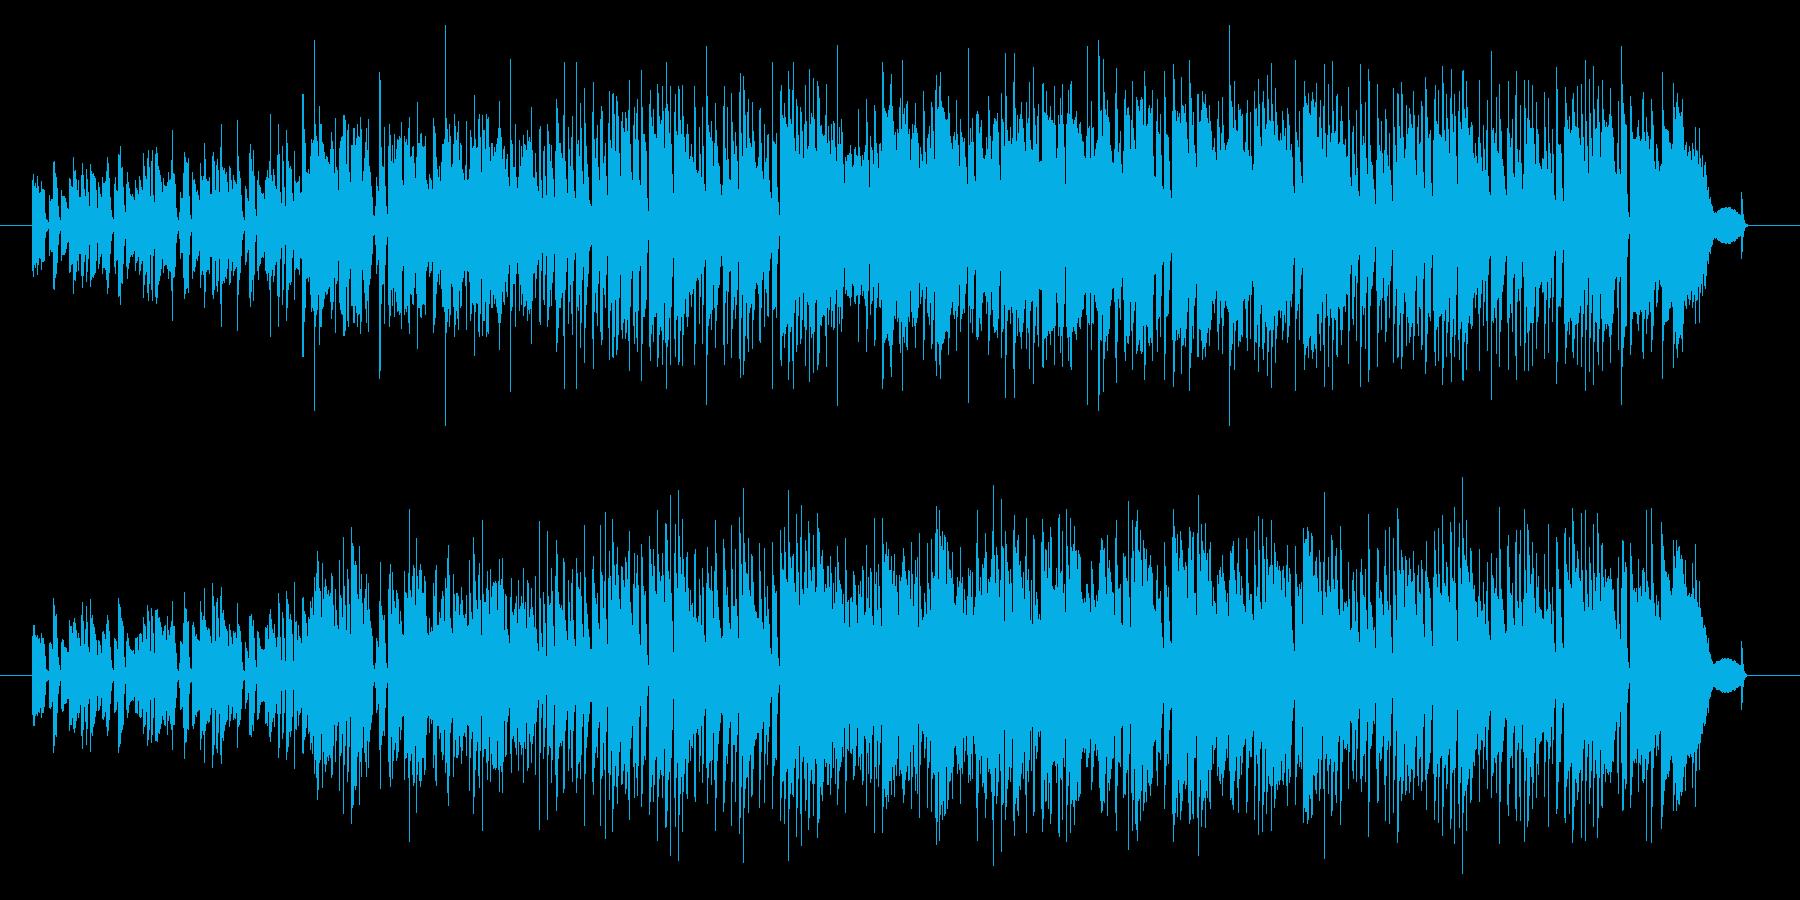 ピアノメインの日常系ポップスの再生済みの波形